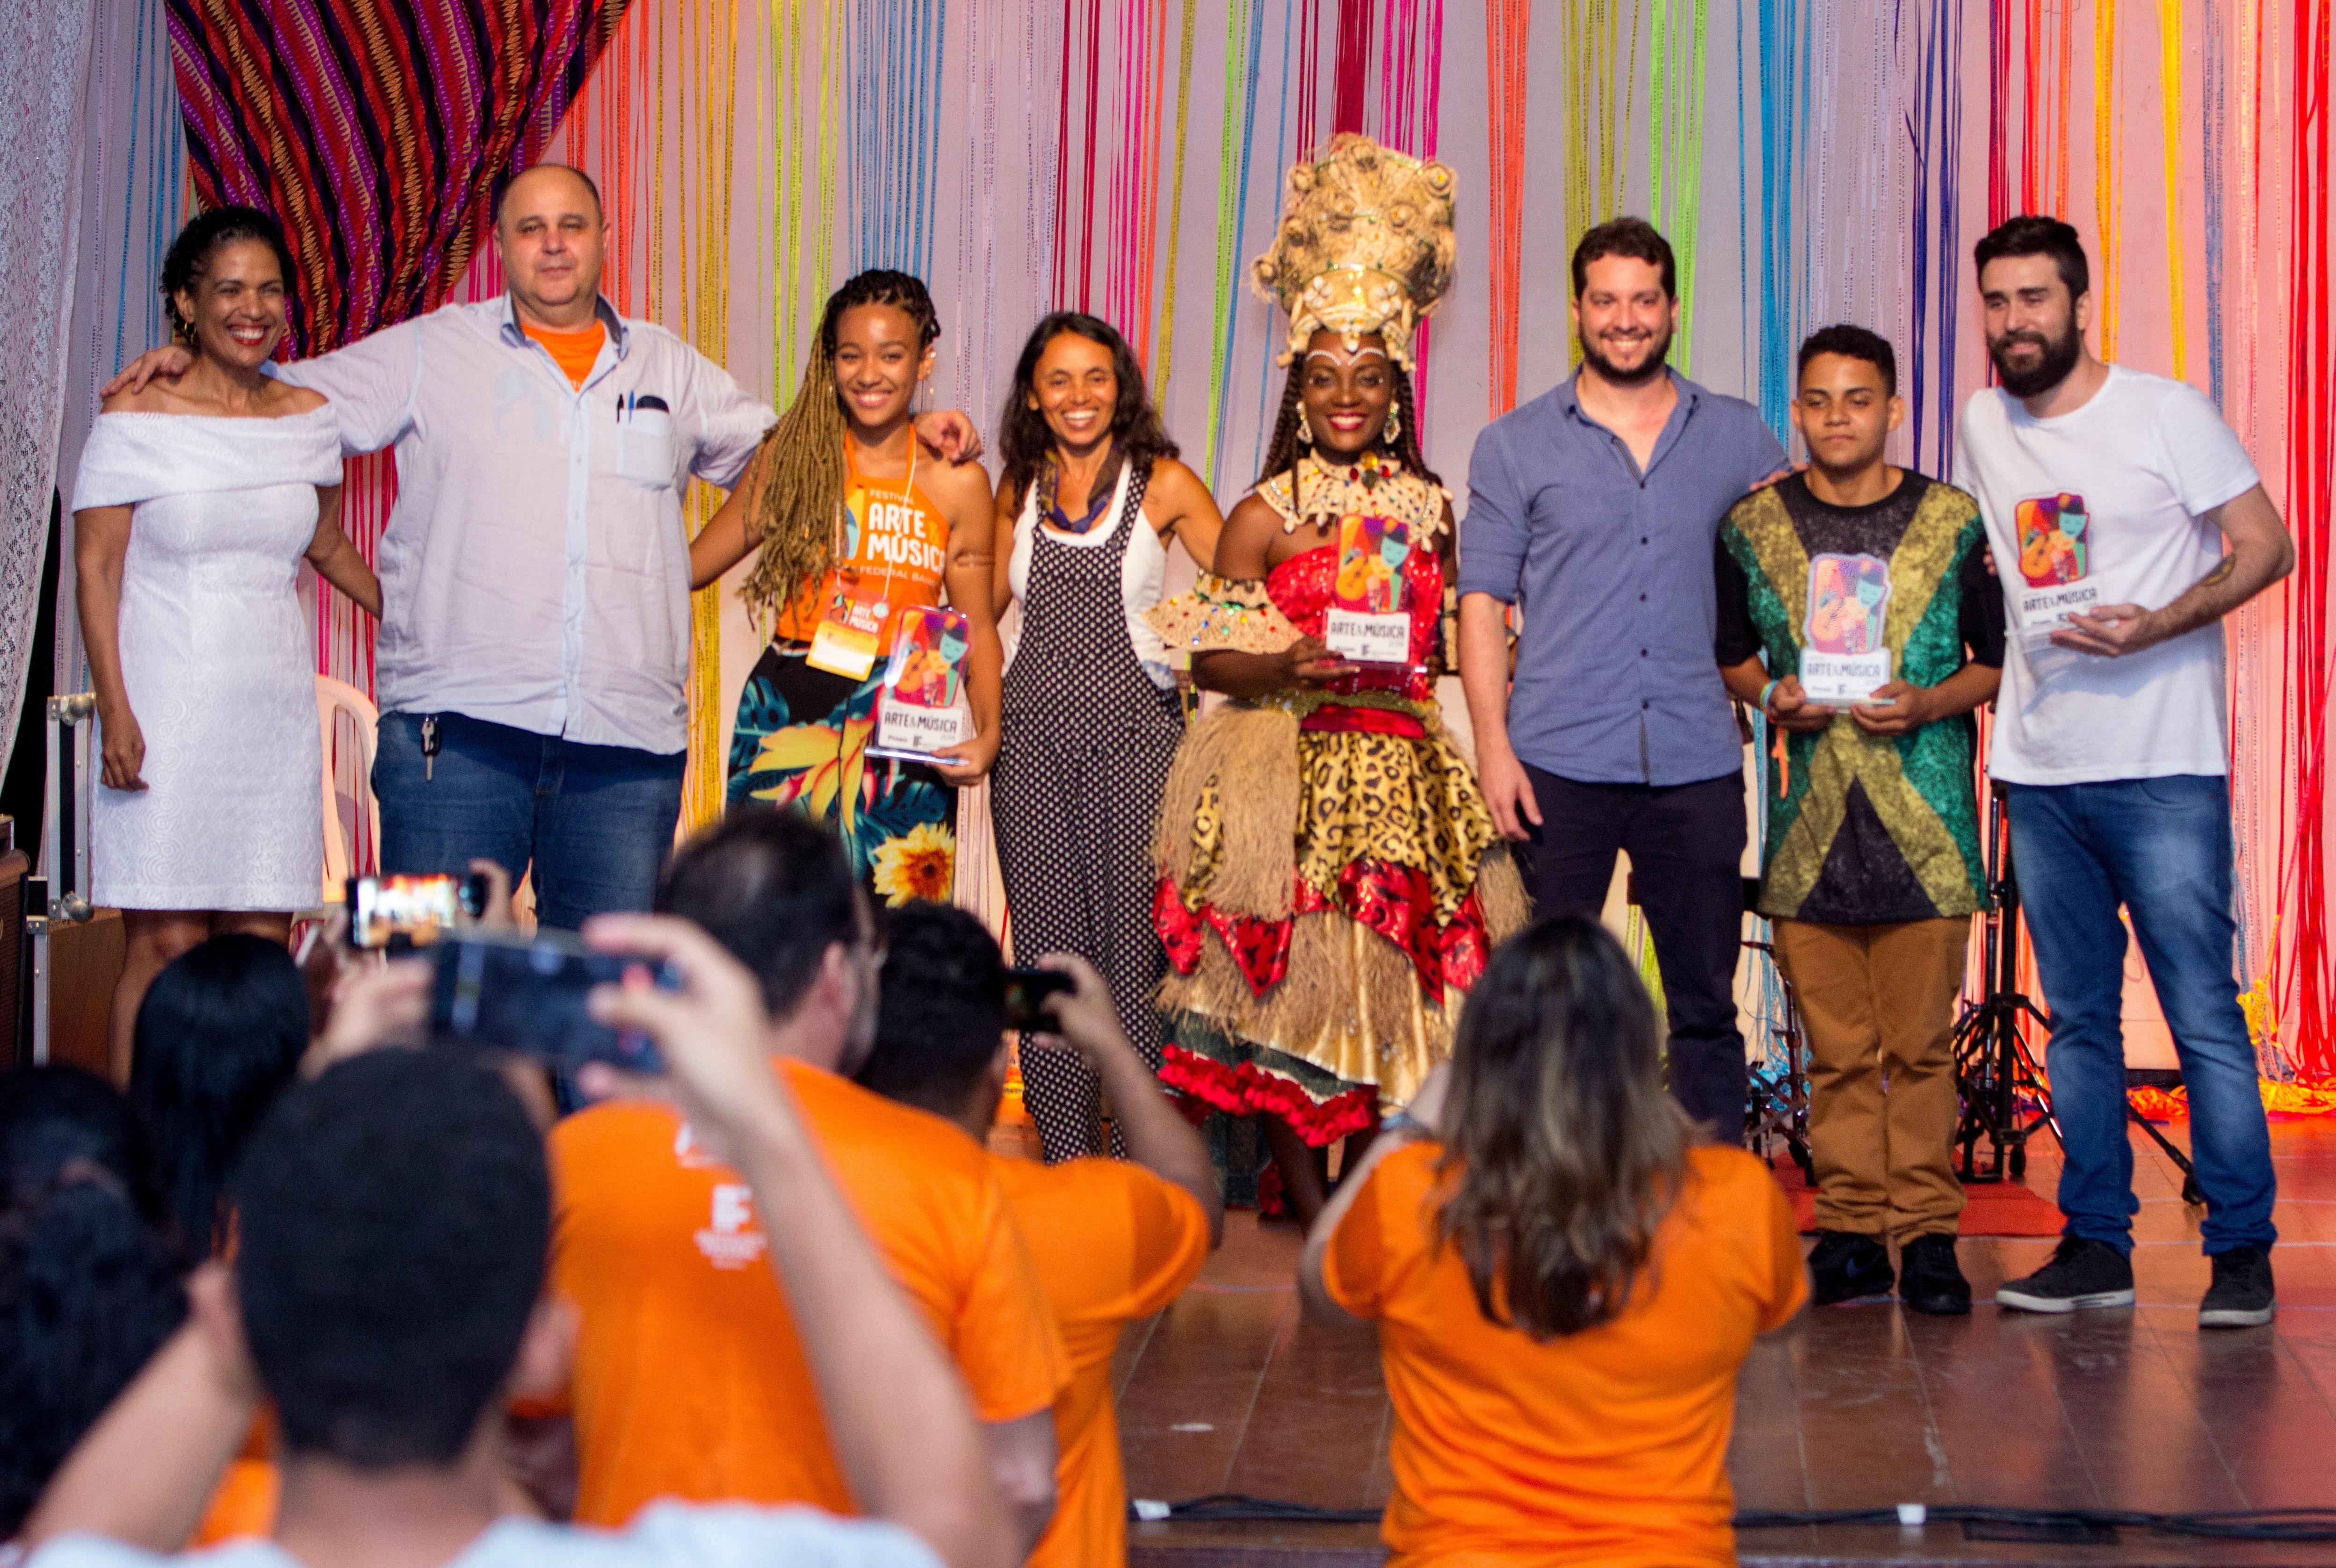 Conheça os vencedores do 1° Festival de Arte e Música do IF Baiano